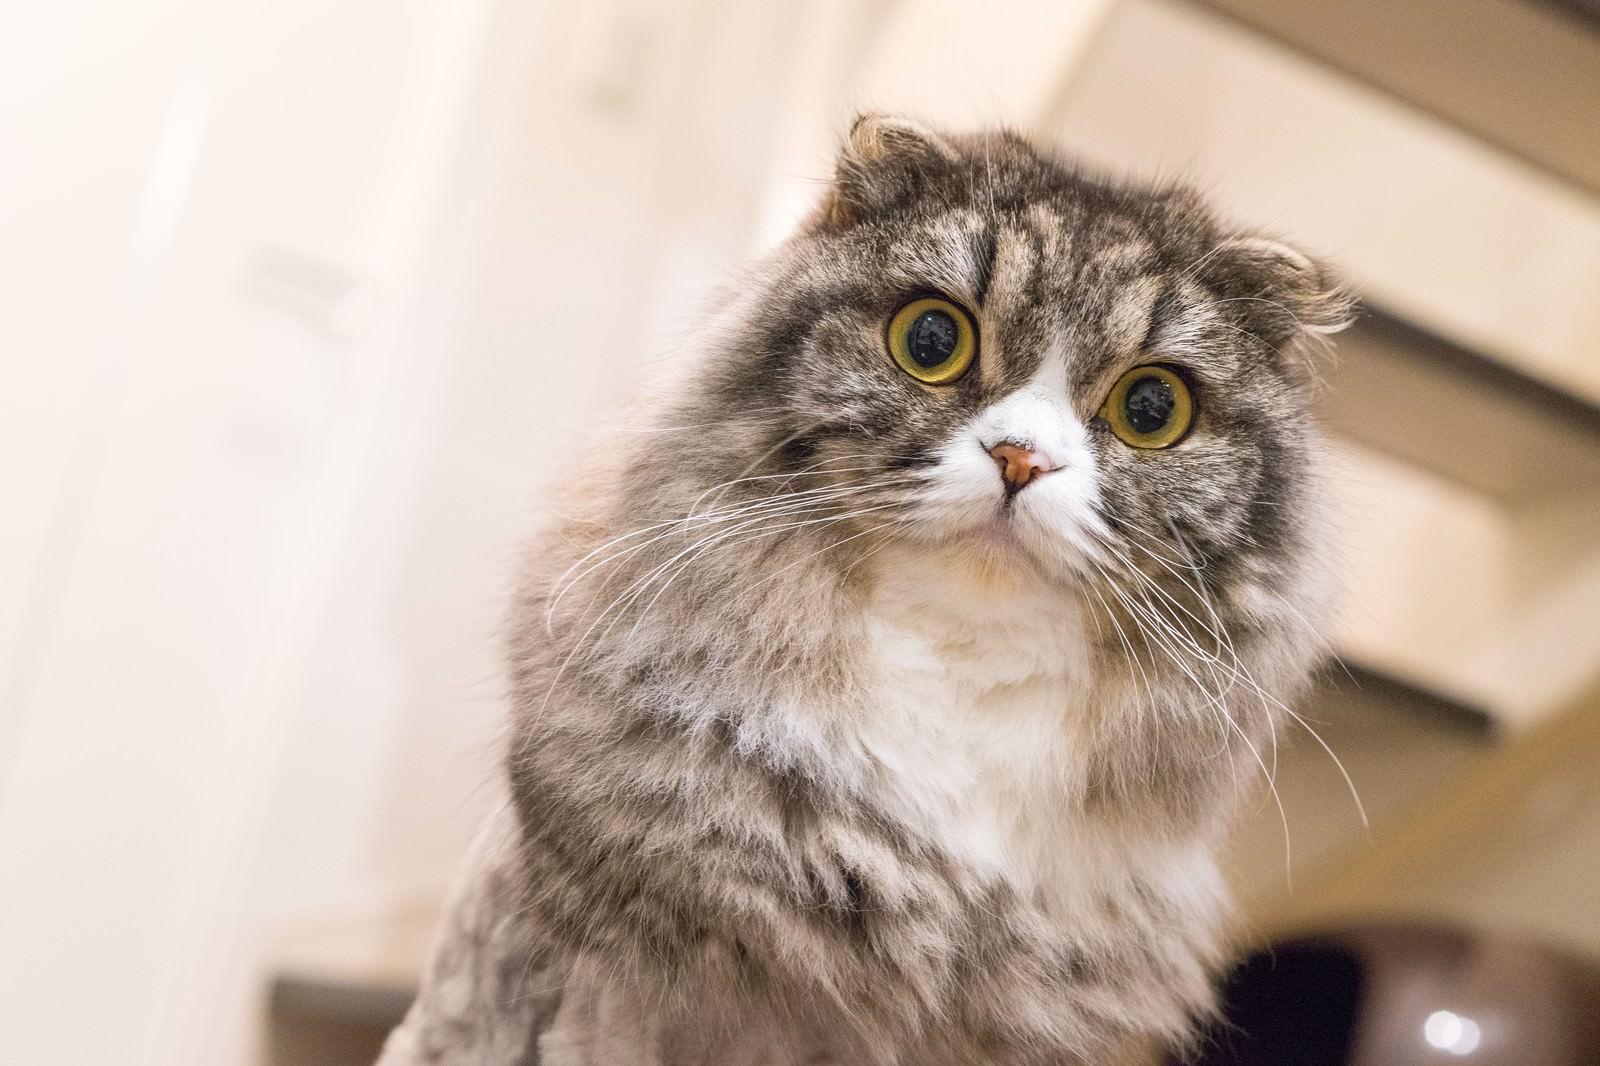 「ジーっとこっちを見てるライオンカットのオス猫(スコティッシュフォールド)」の写真